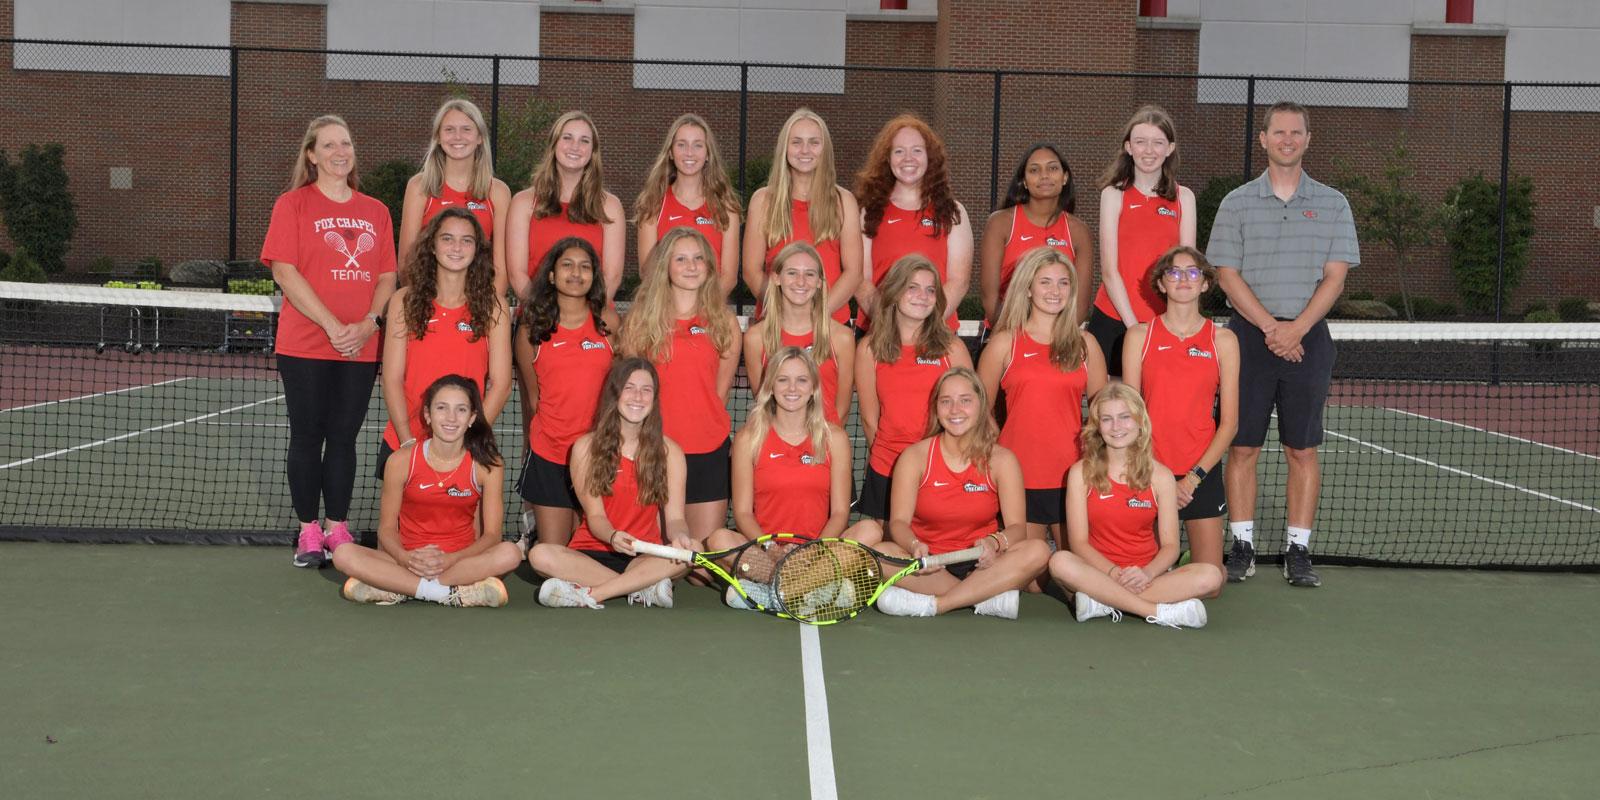 Girls' Tennis Team